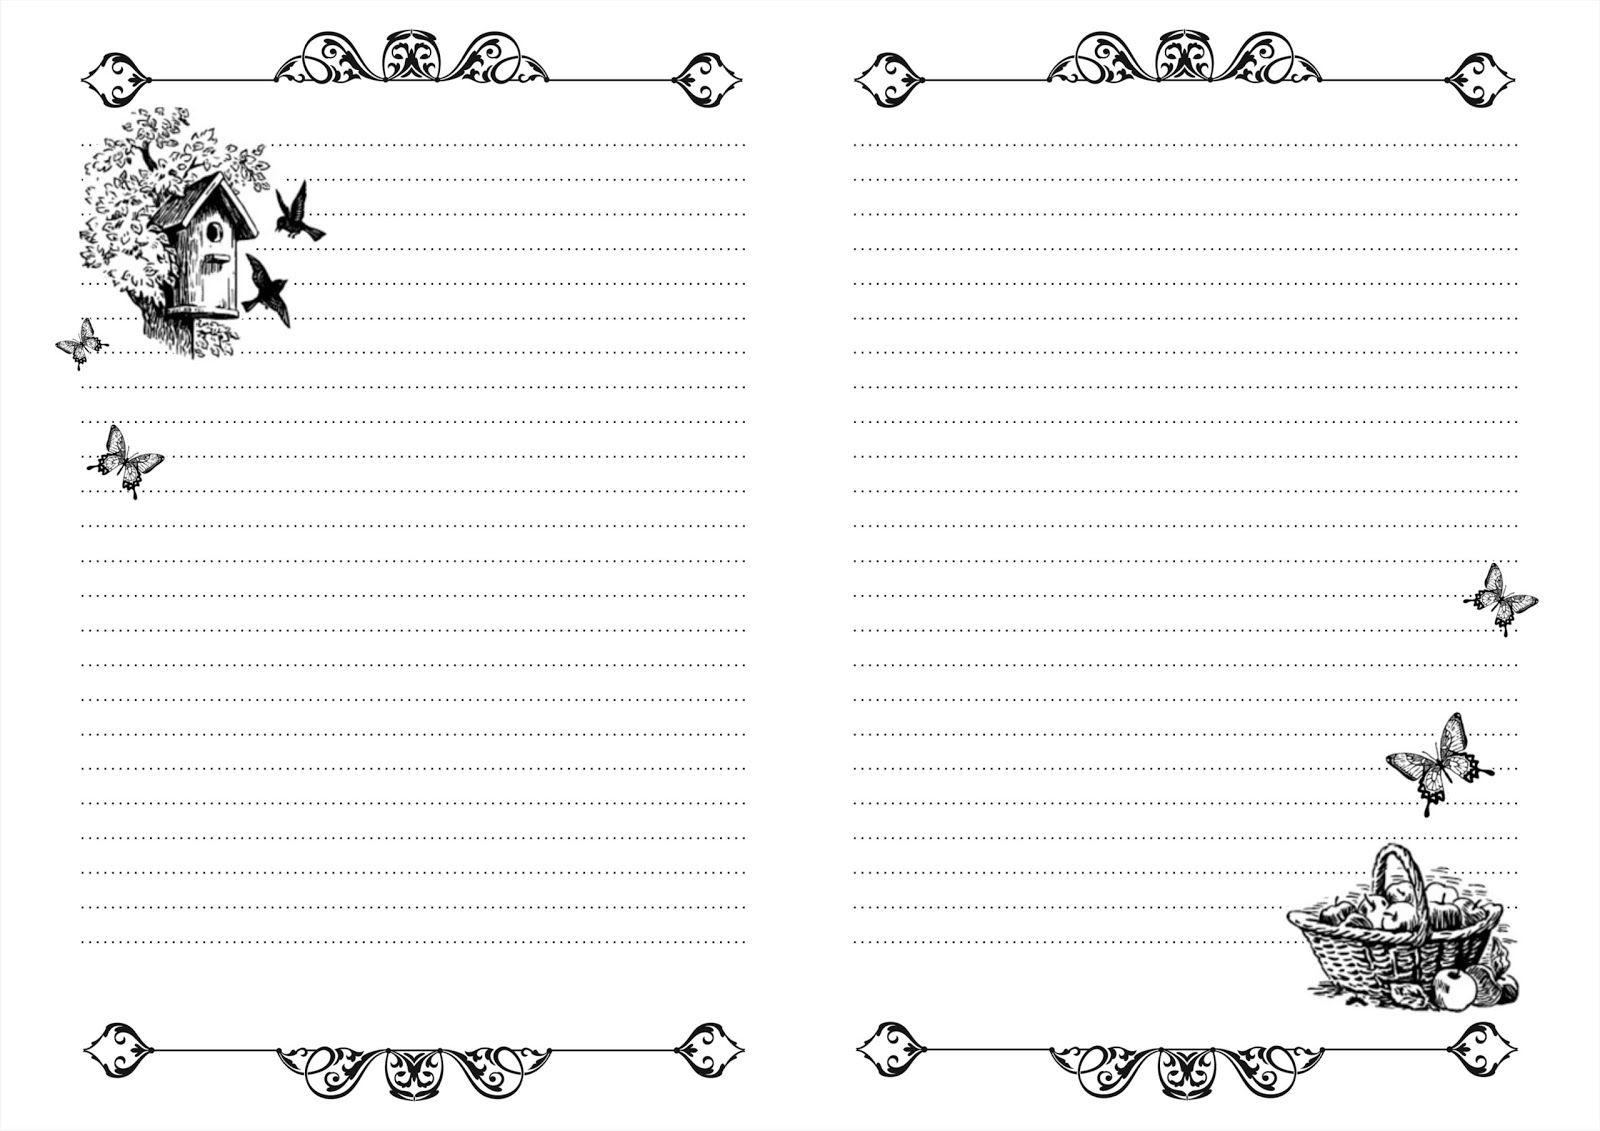 листы с картинками для блокнота скрапбукингом этого